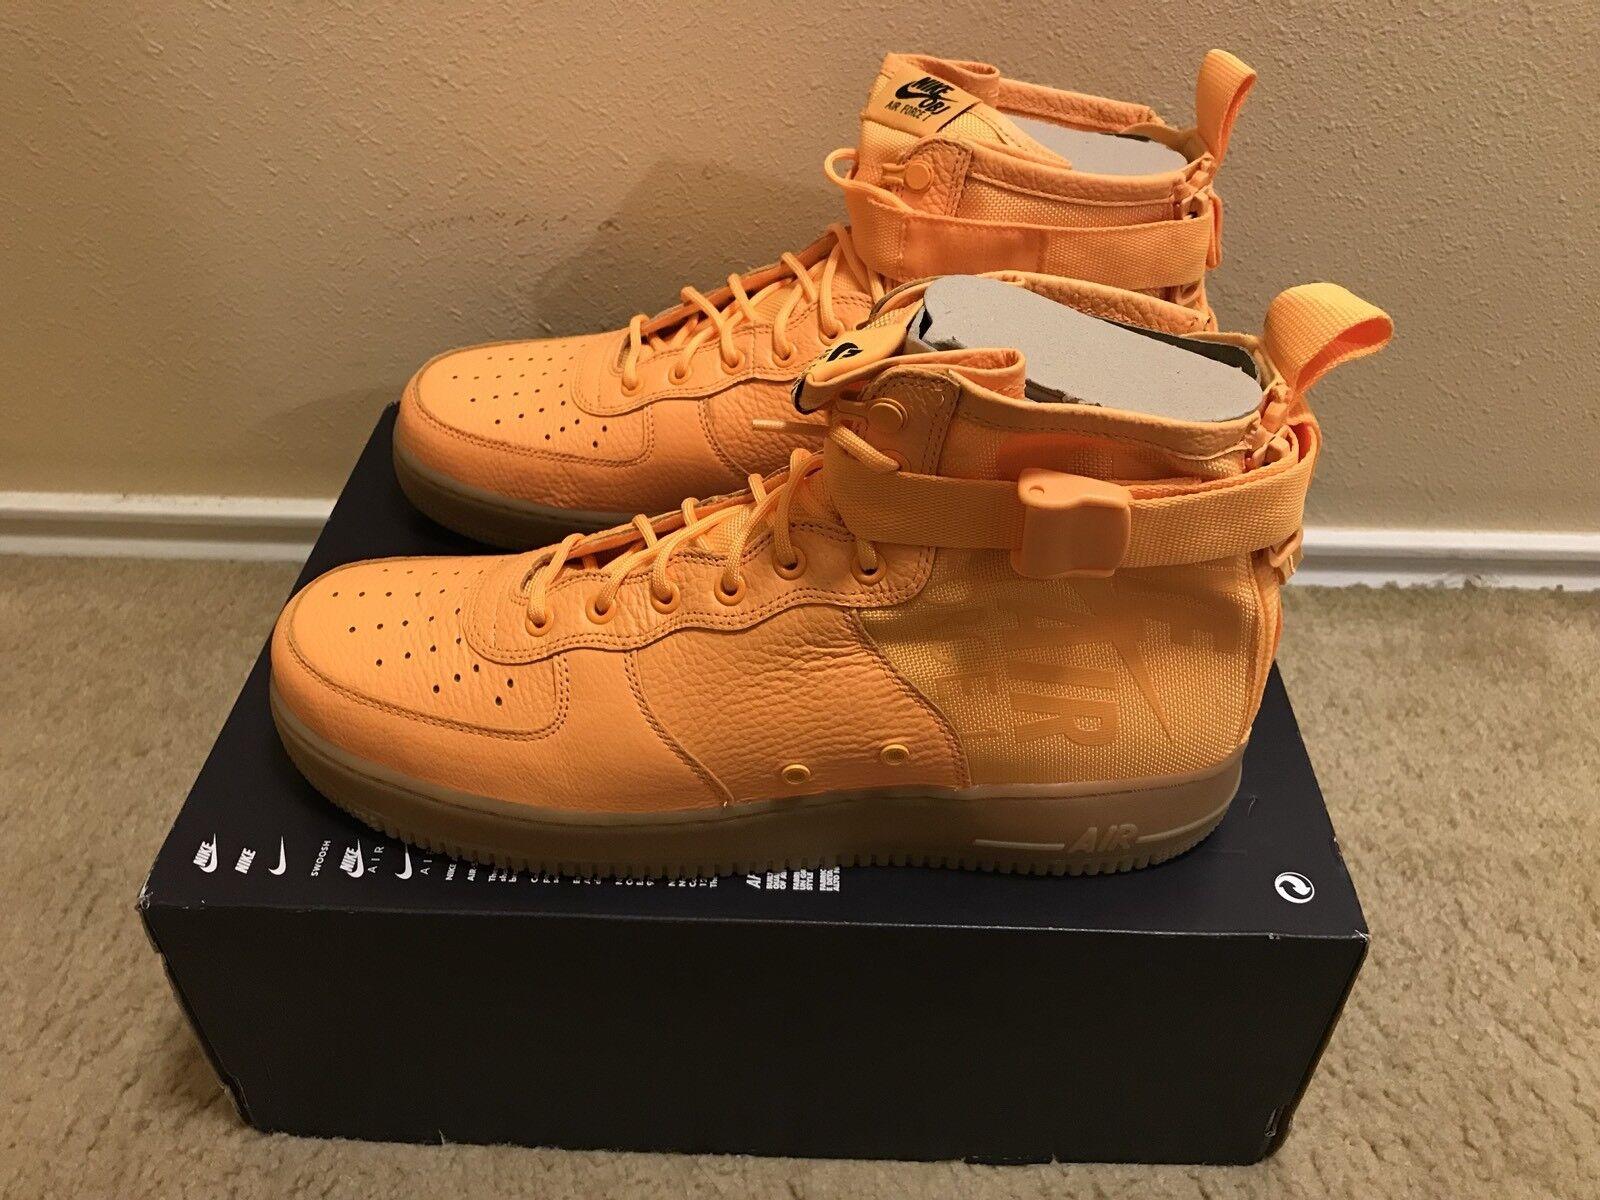 Nike SF AF1 Special Air Force Mid OBJ Odell Beckham Jr Orange 917753 801 Size 14